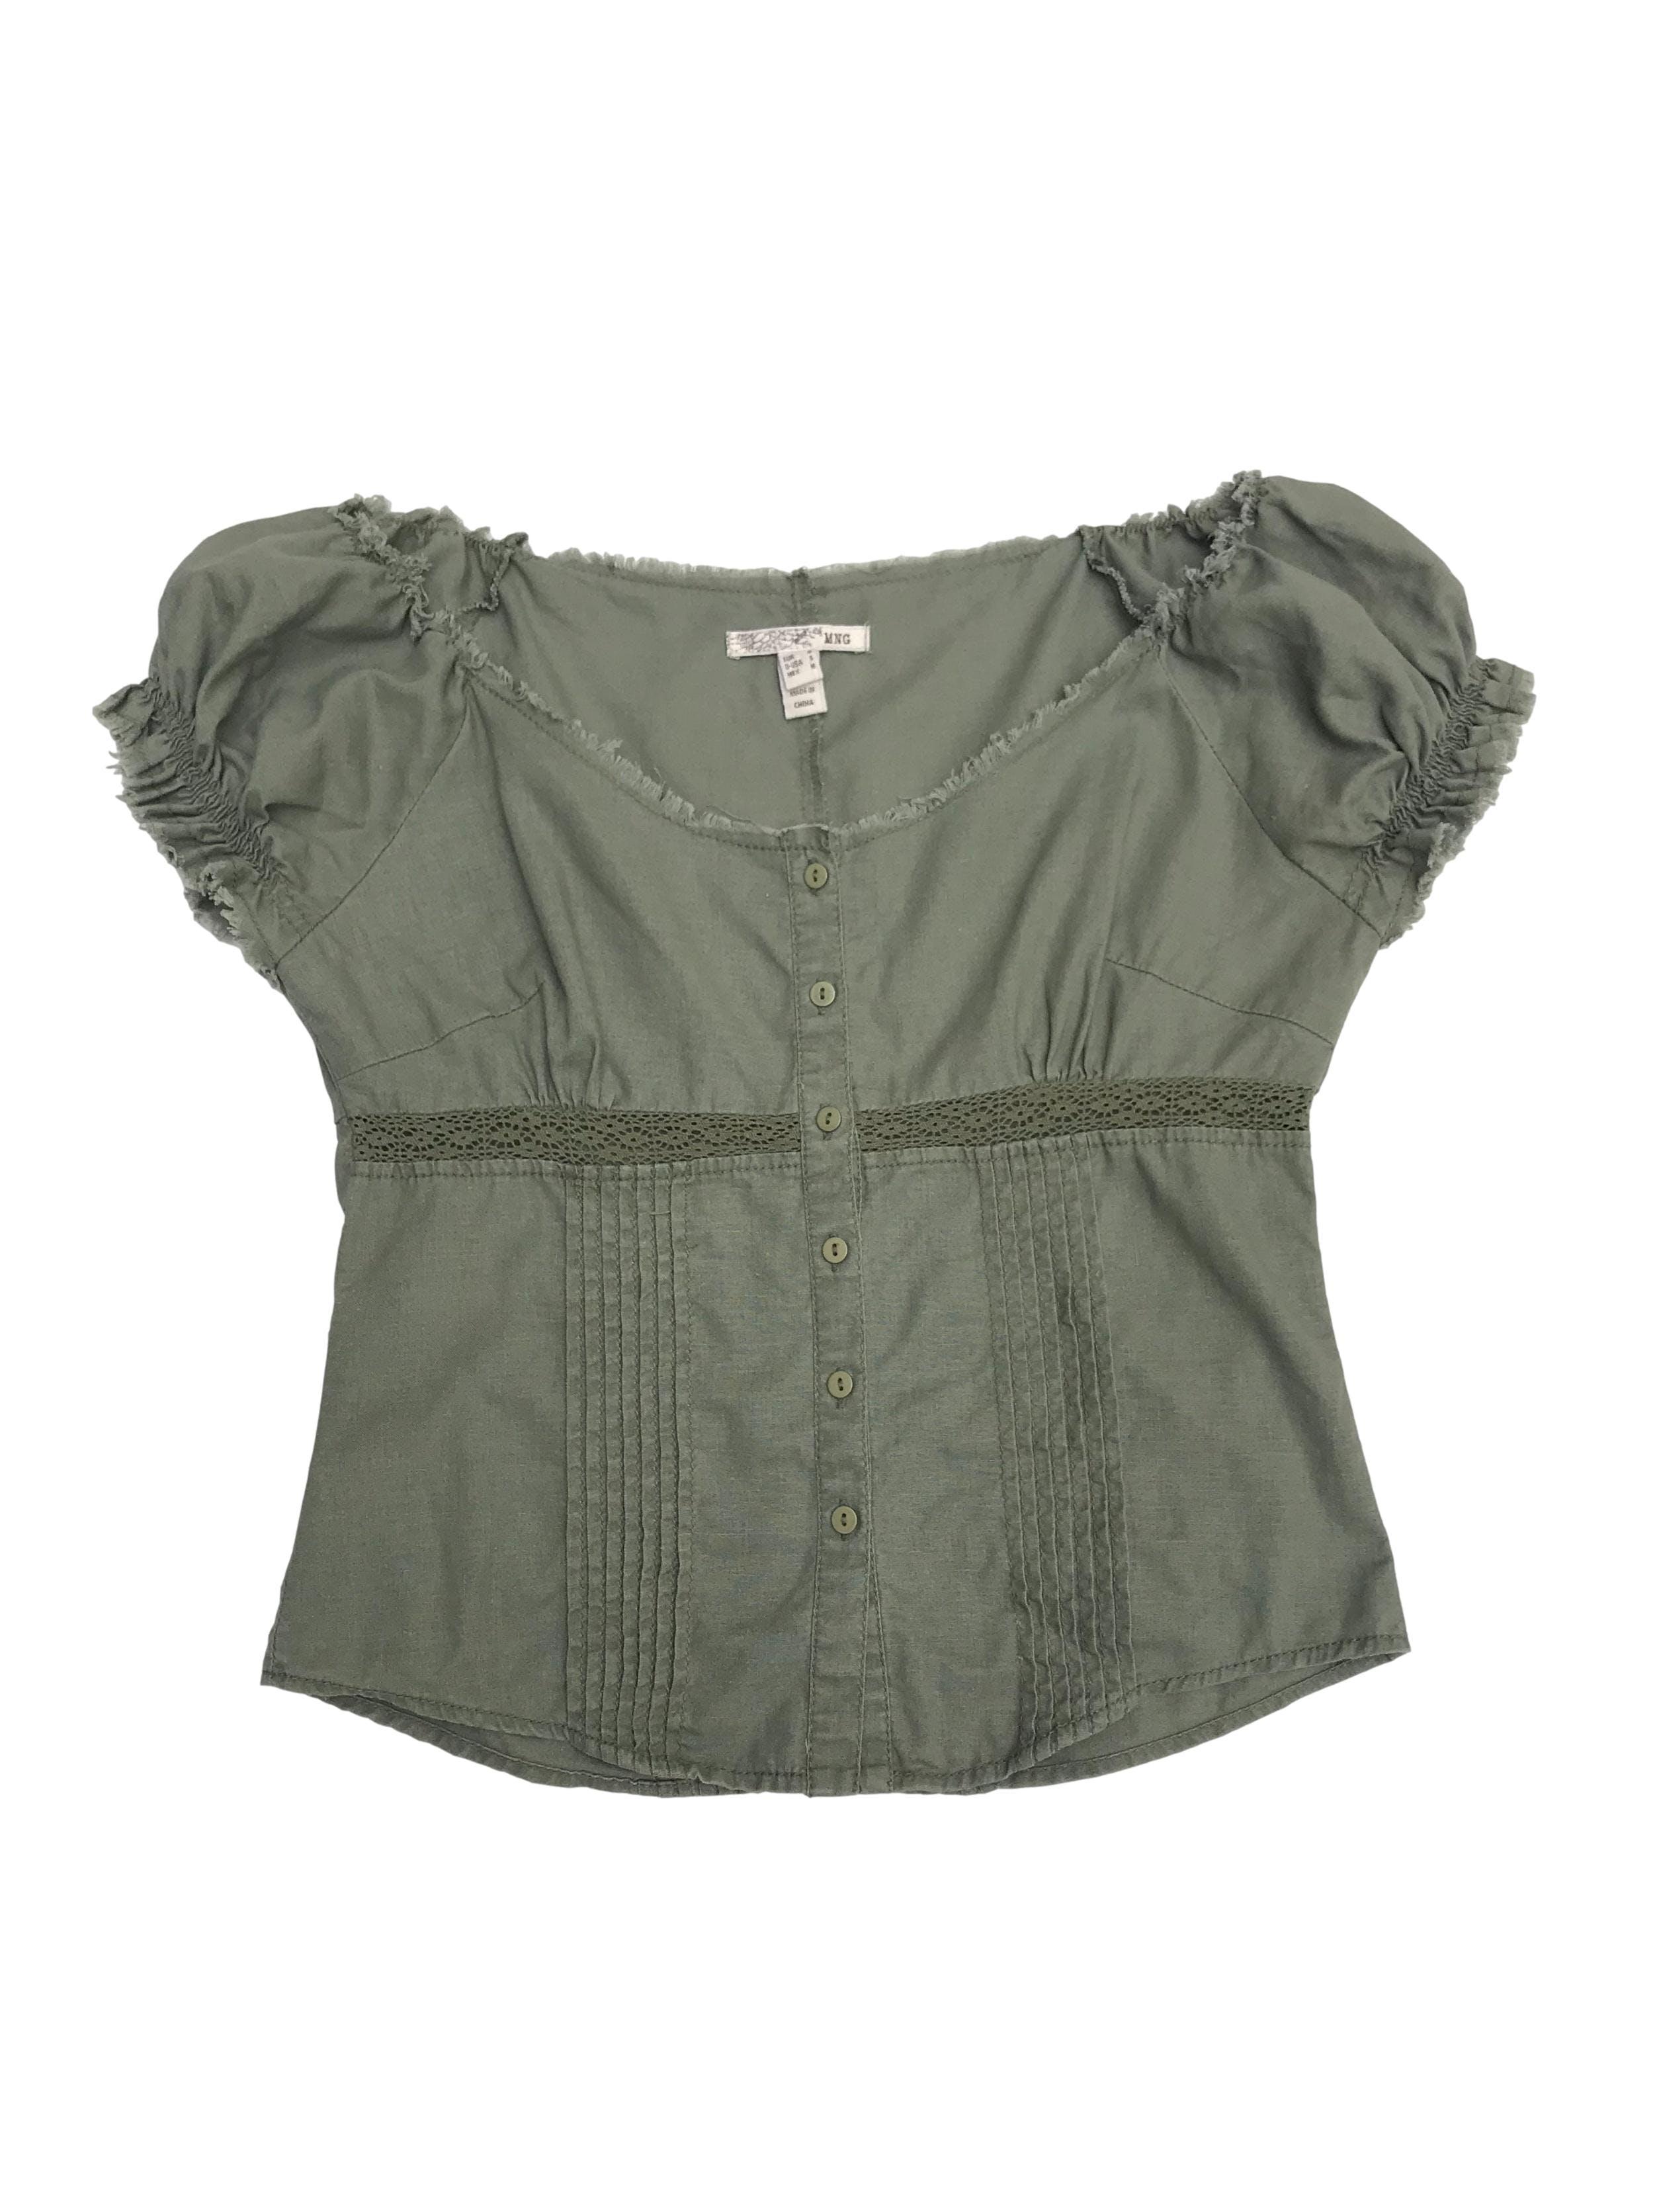 Blusa Mango de lino y algodón verde, cuello ojal, detalles plisados de encaje y desflecado